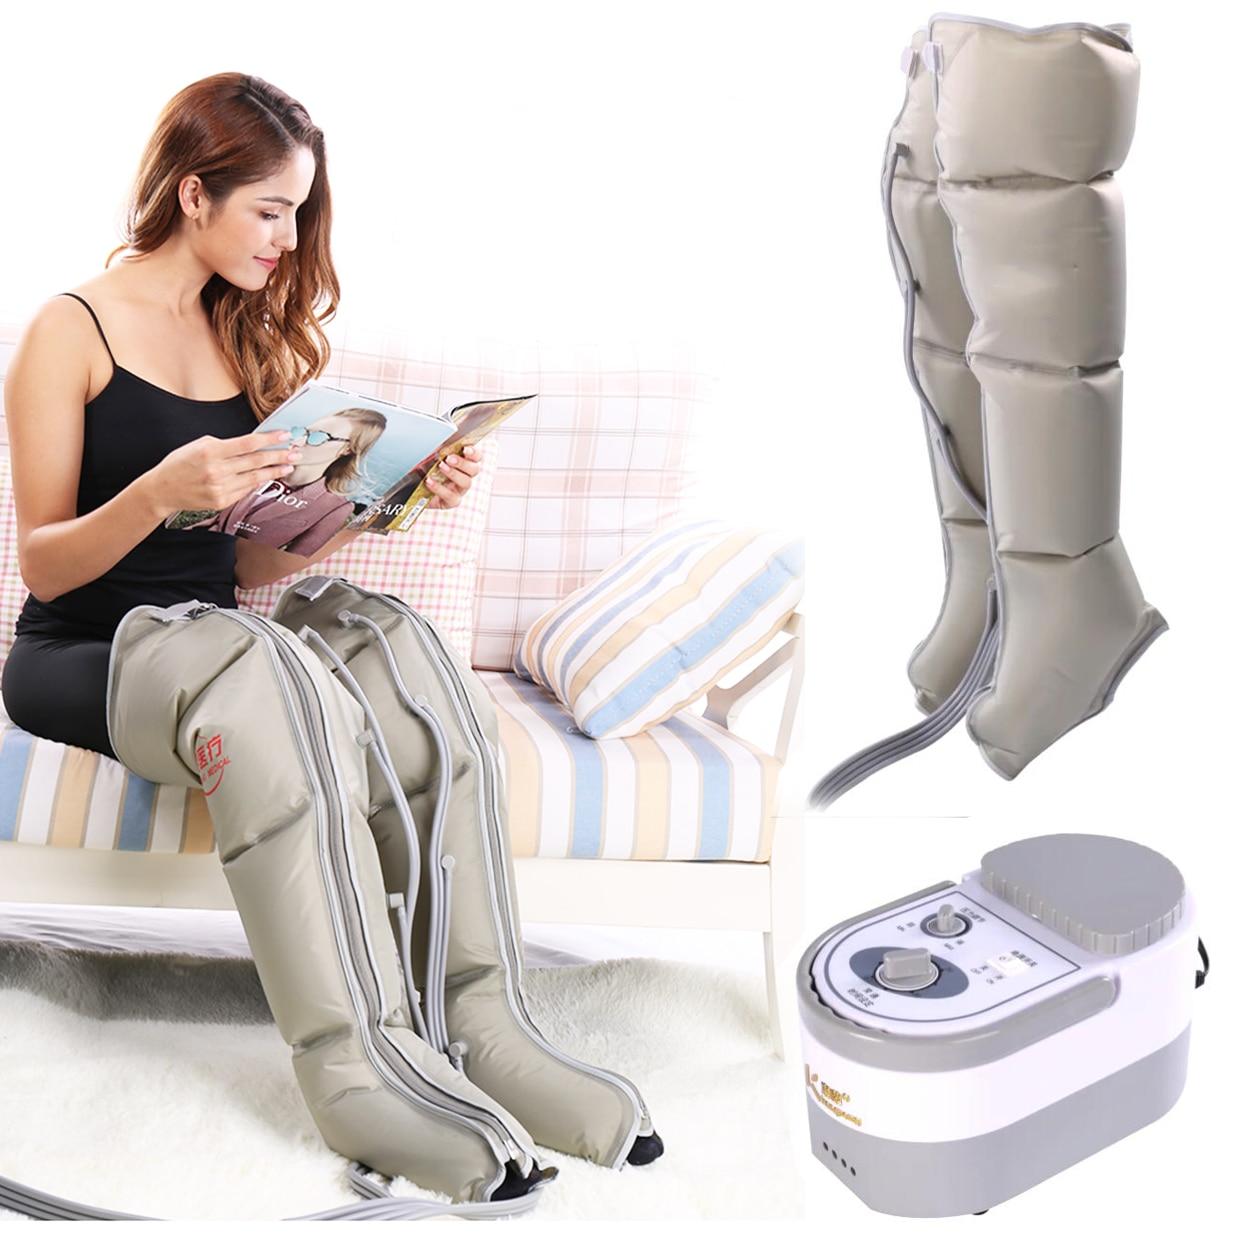 Elektrische Air Compressie Been Massager Been Wraps Voet Enkels Kalf Massage Machine Bloedsomloop Bevorderen Verlichten Pijn Vermoeidheid